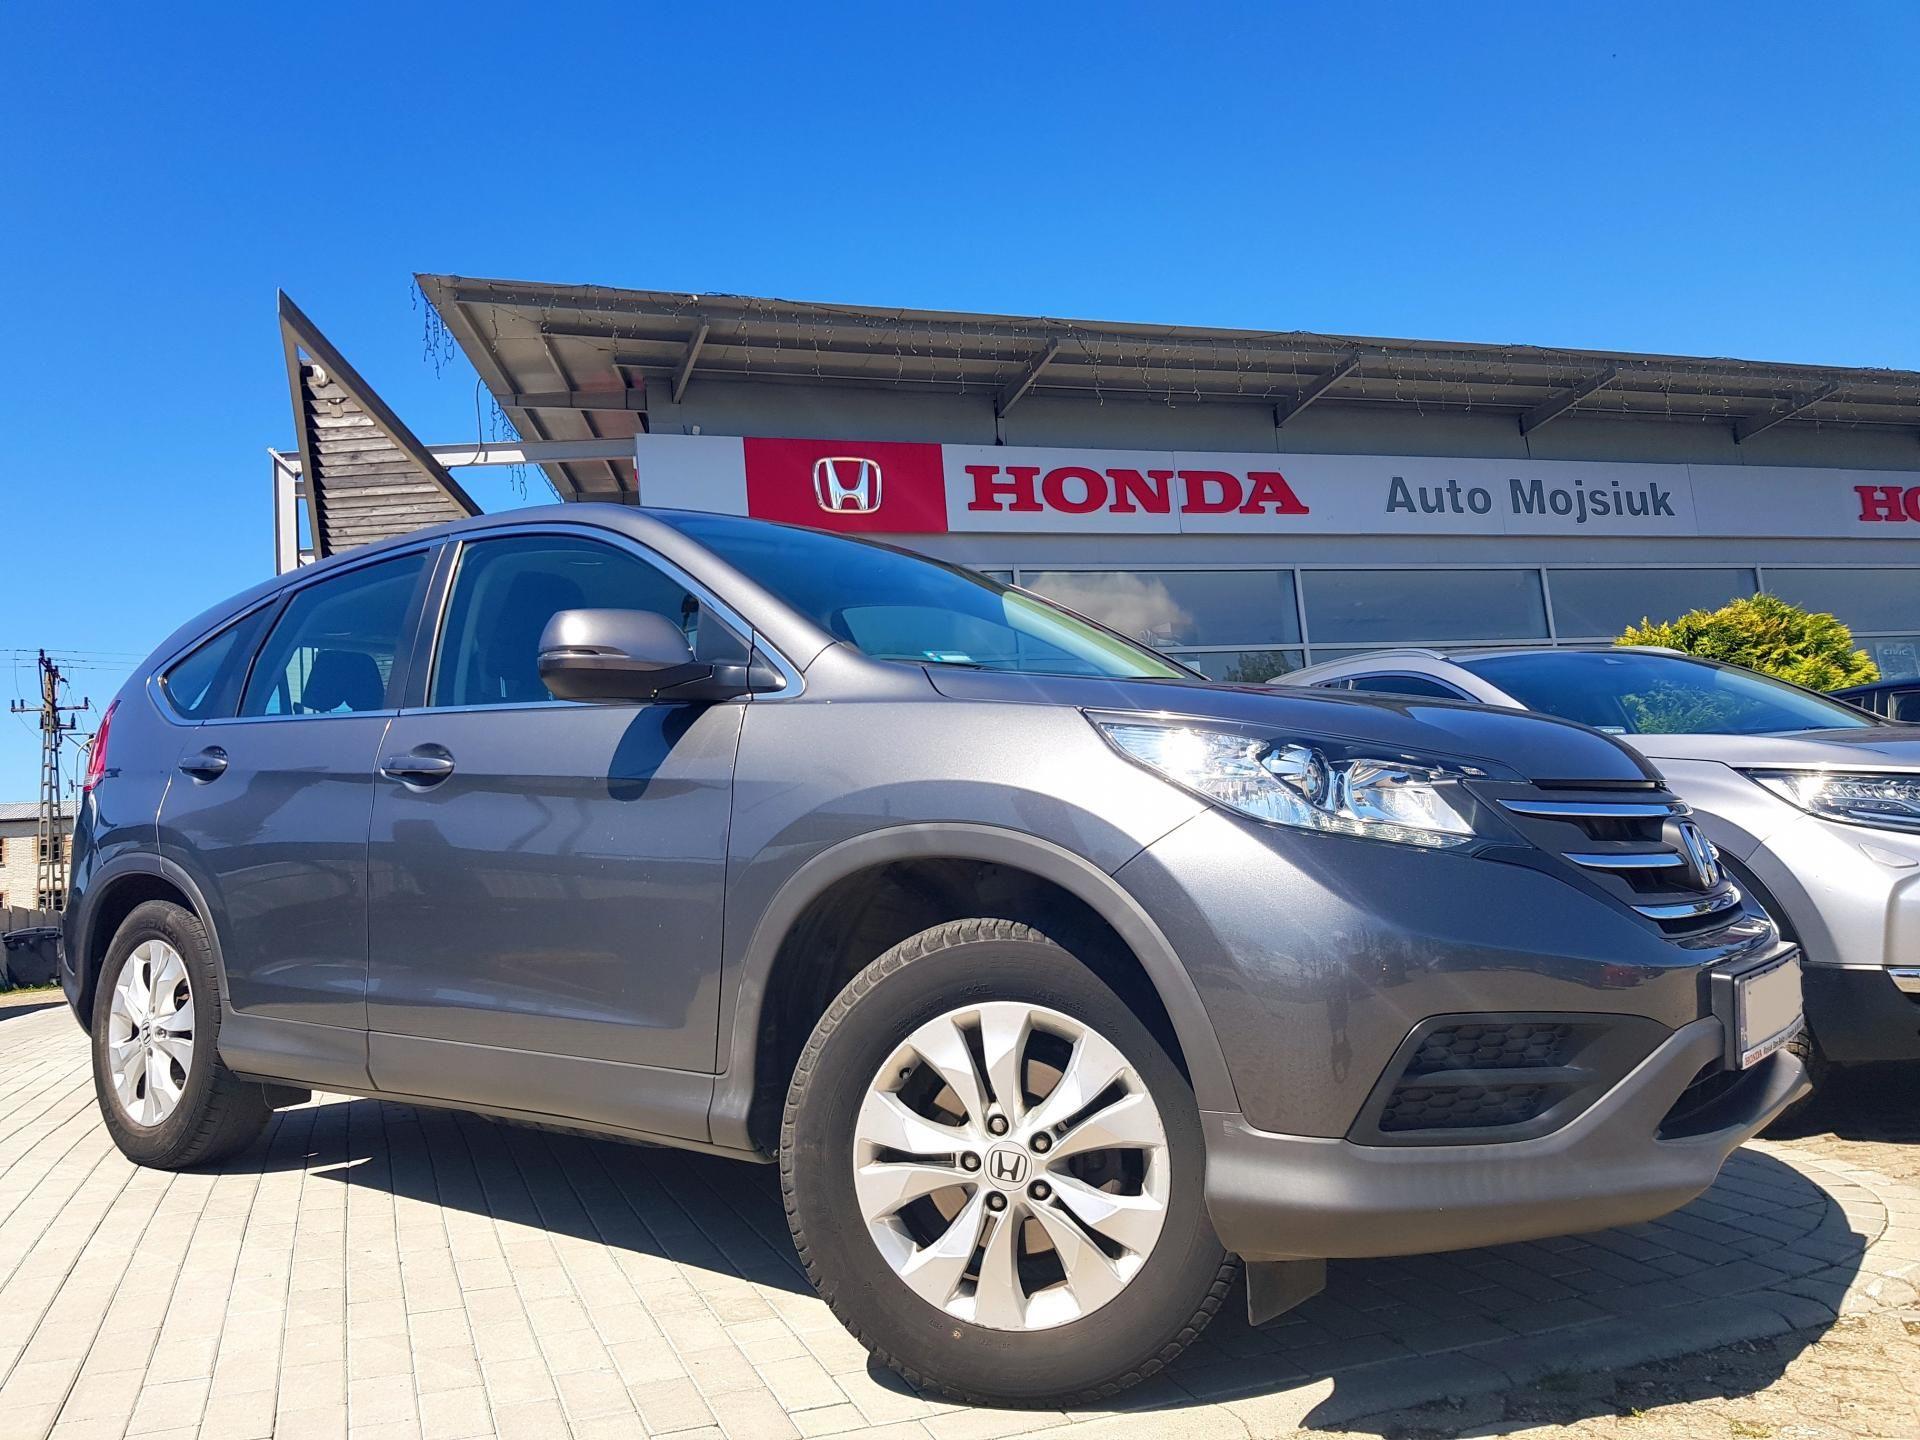 Honda CR-V 2.0 Elegance MT 2013 Salon Polska, Serwis ASO, Pierwszy właściciel